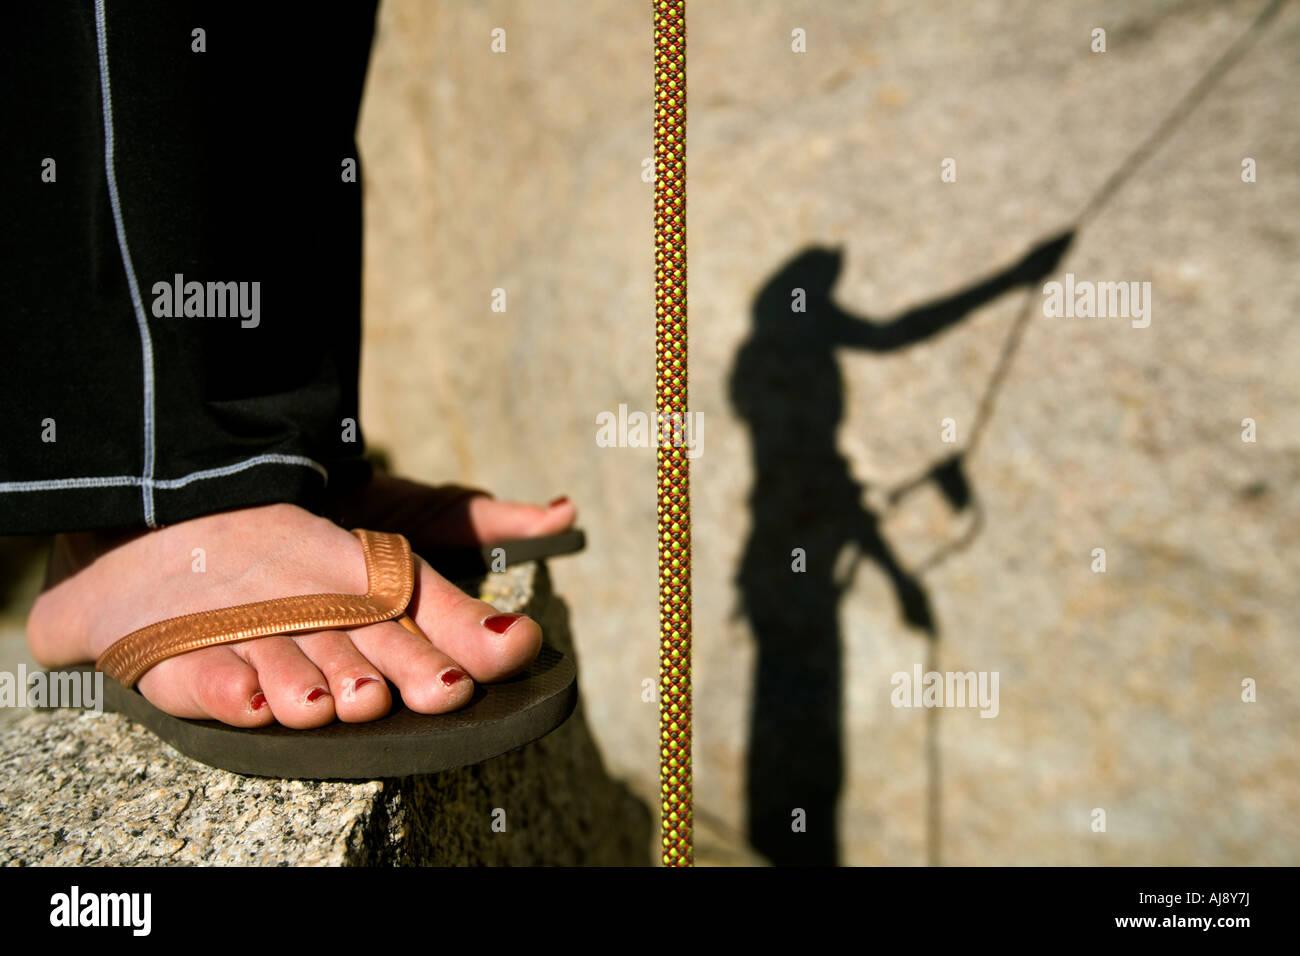 Female belay shadow on rock - Stock Image